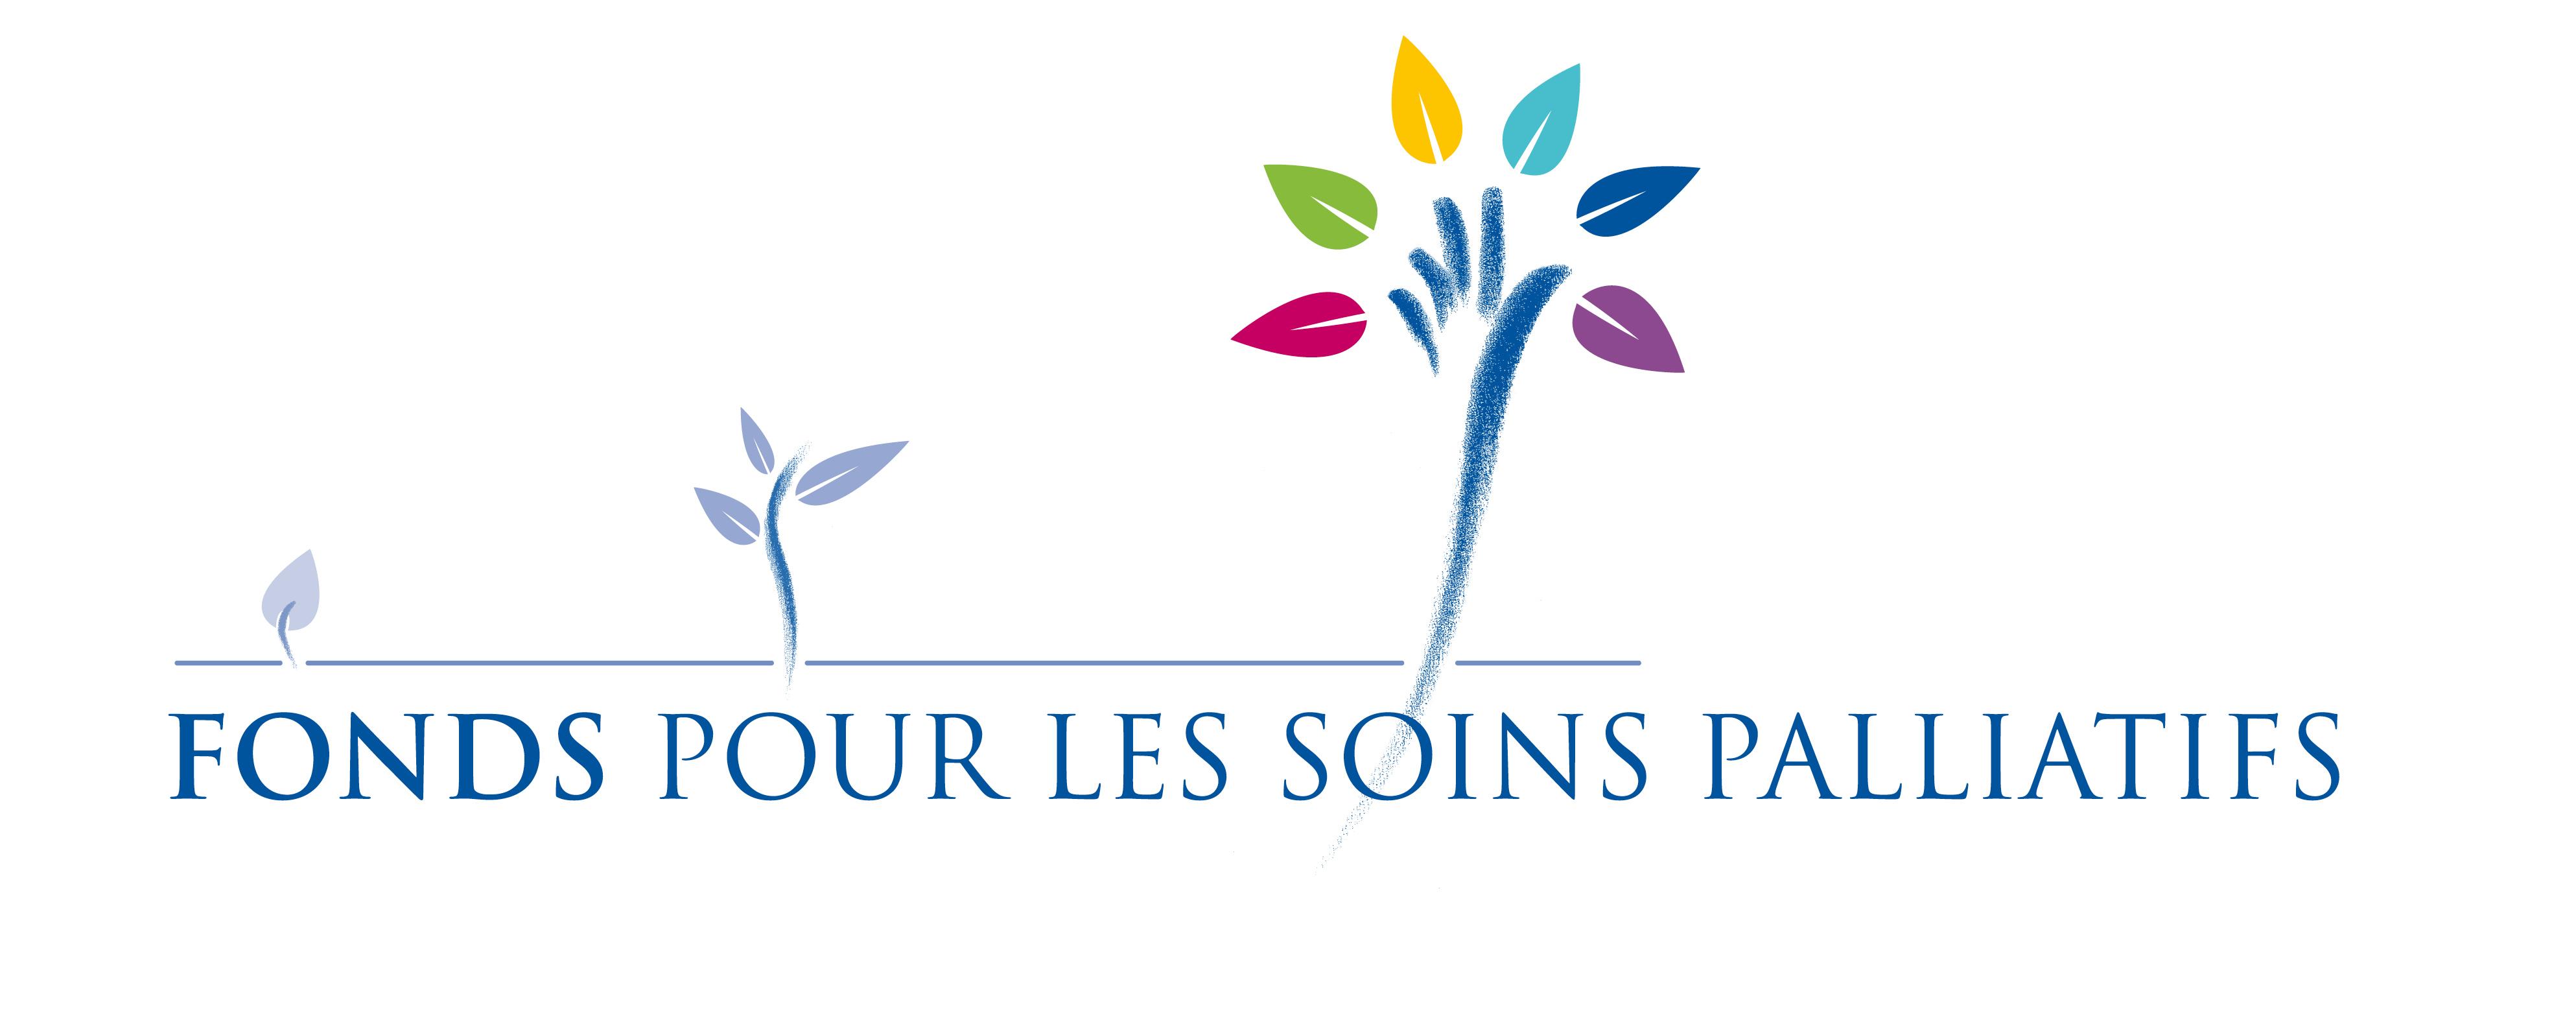 logo fonds pour les soins palliatifs